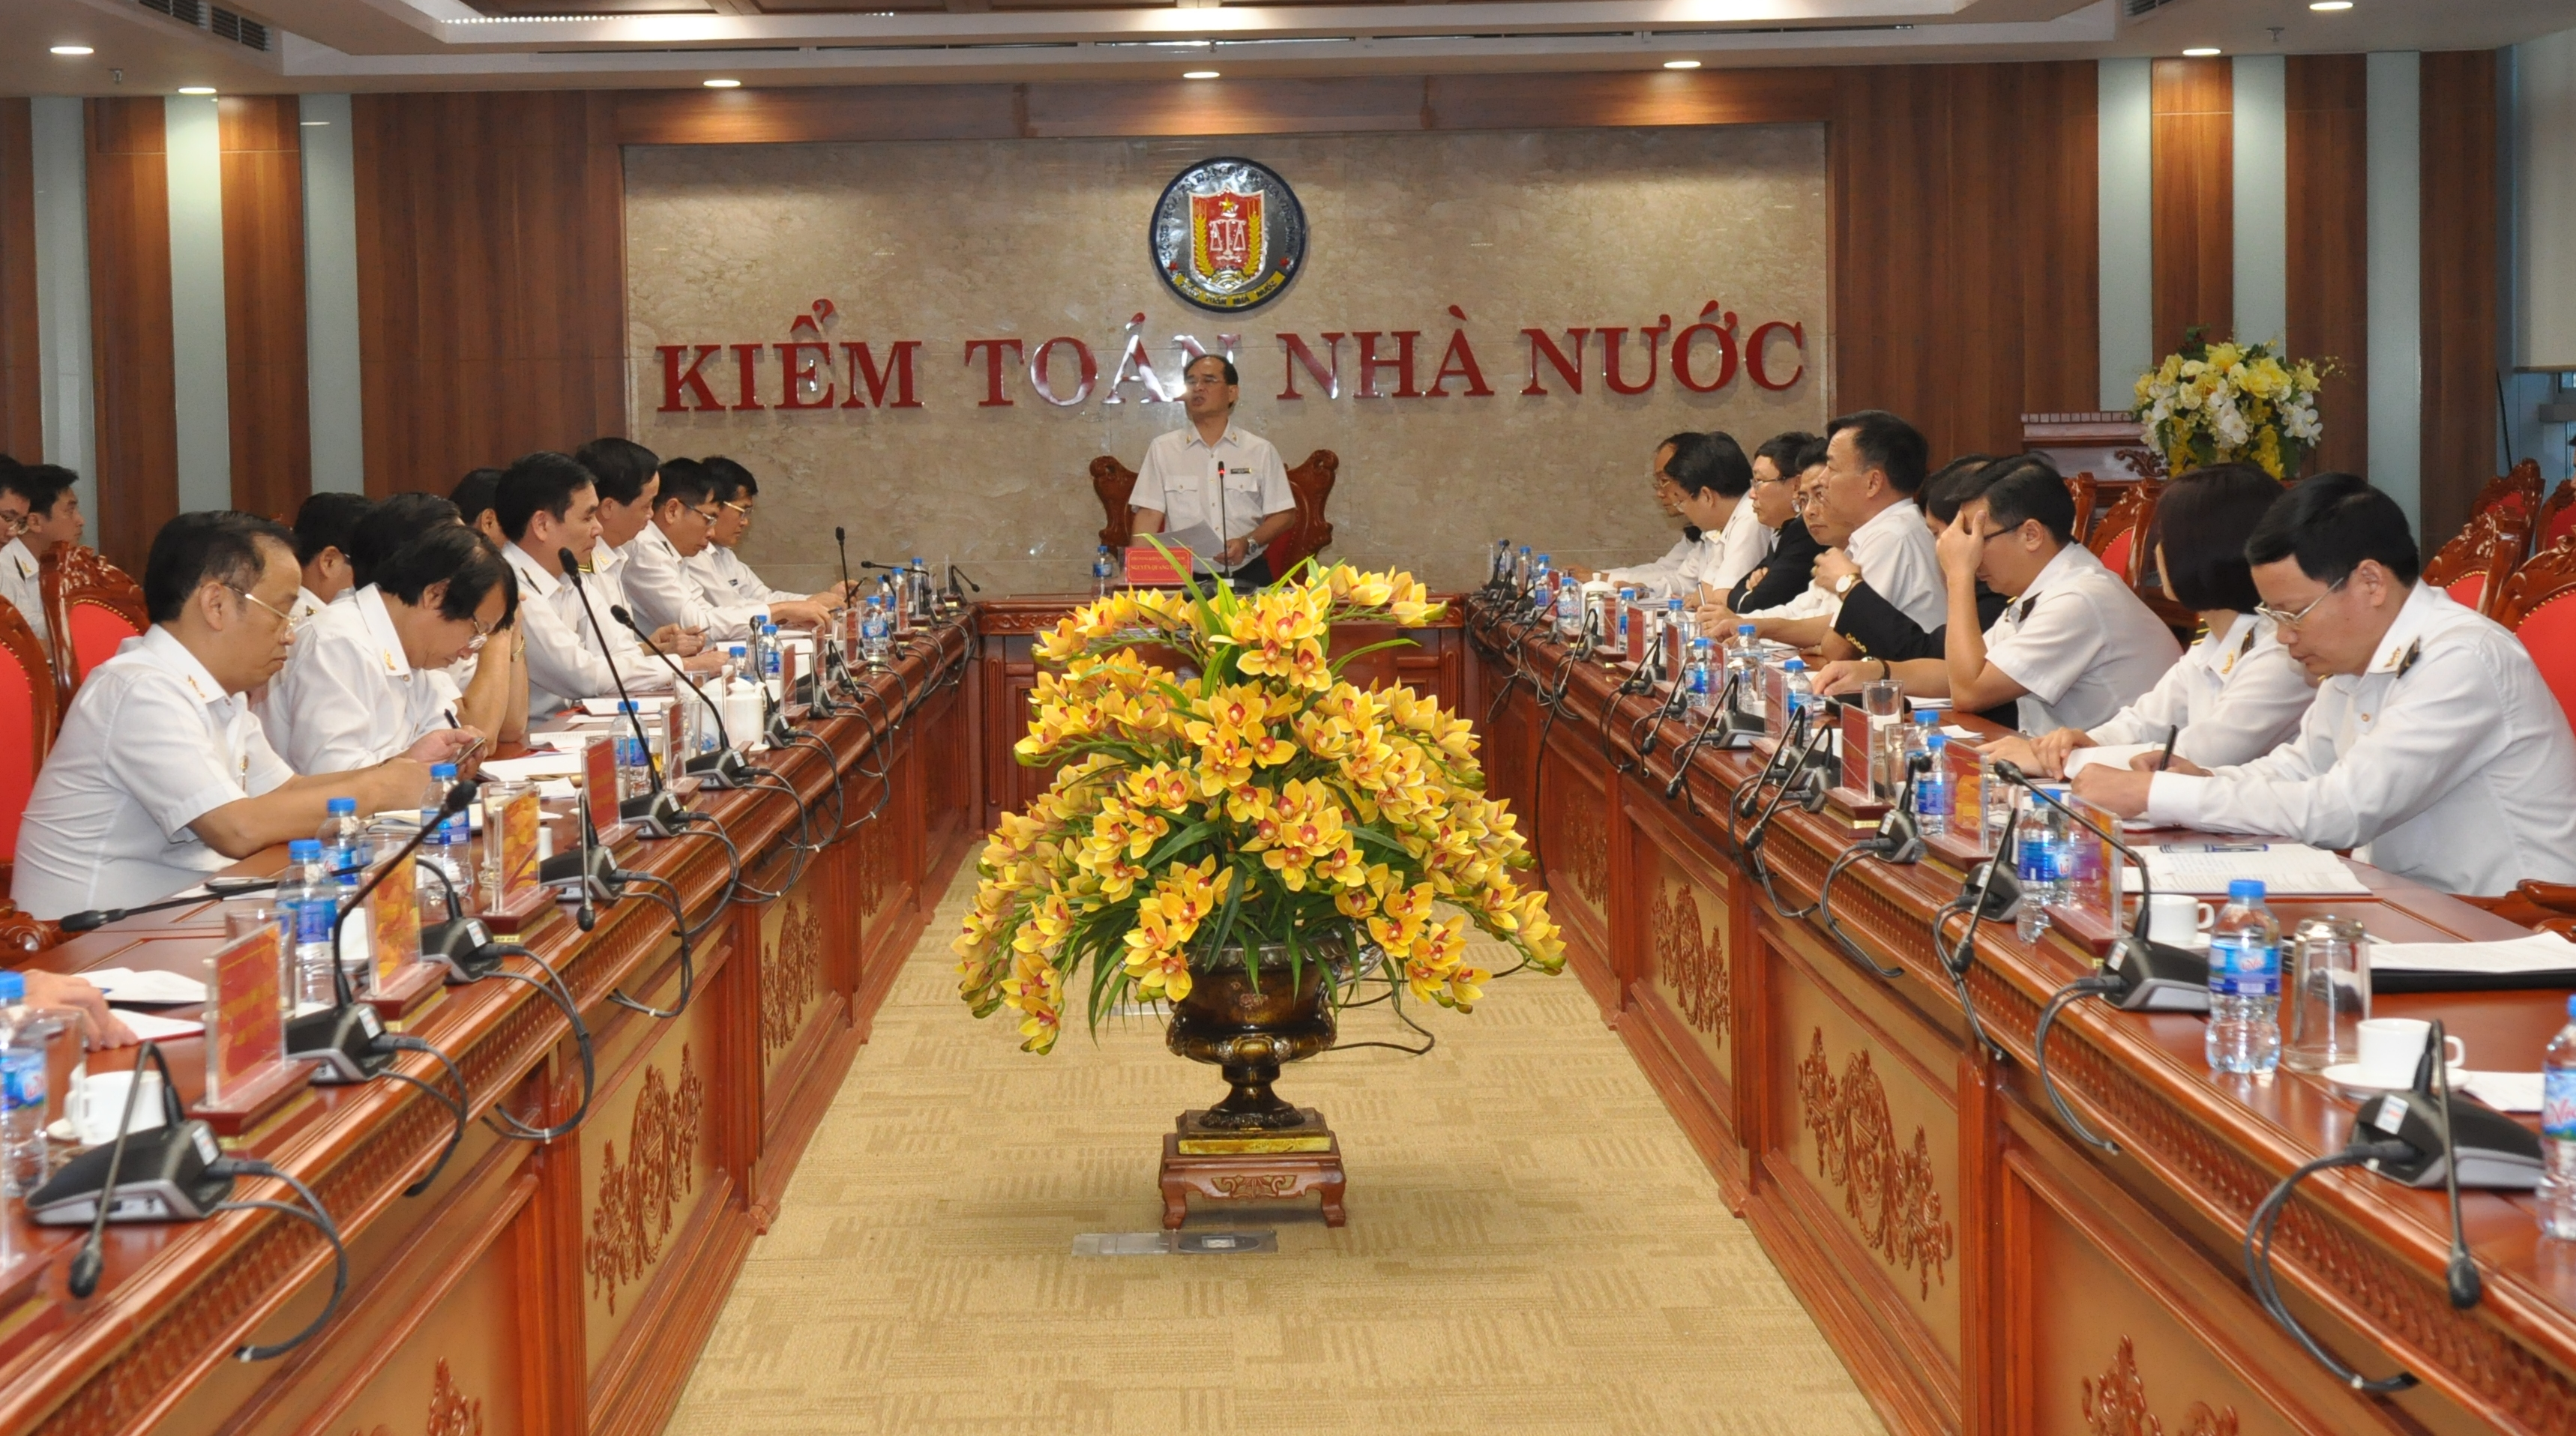 Kiểm toán Nhà nước tổ chức Hội nghị giao ban tháng 11/2018